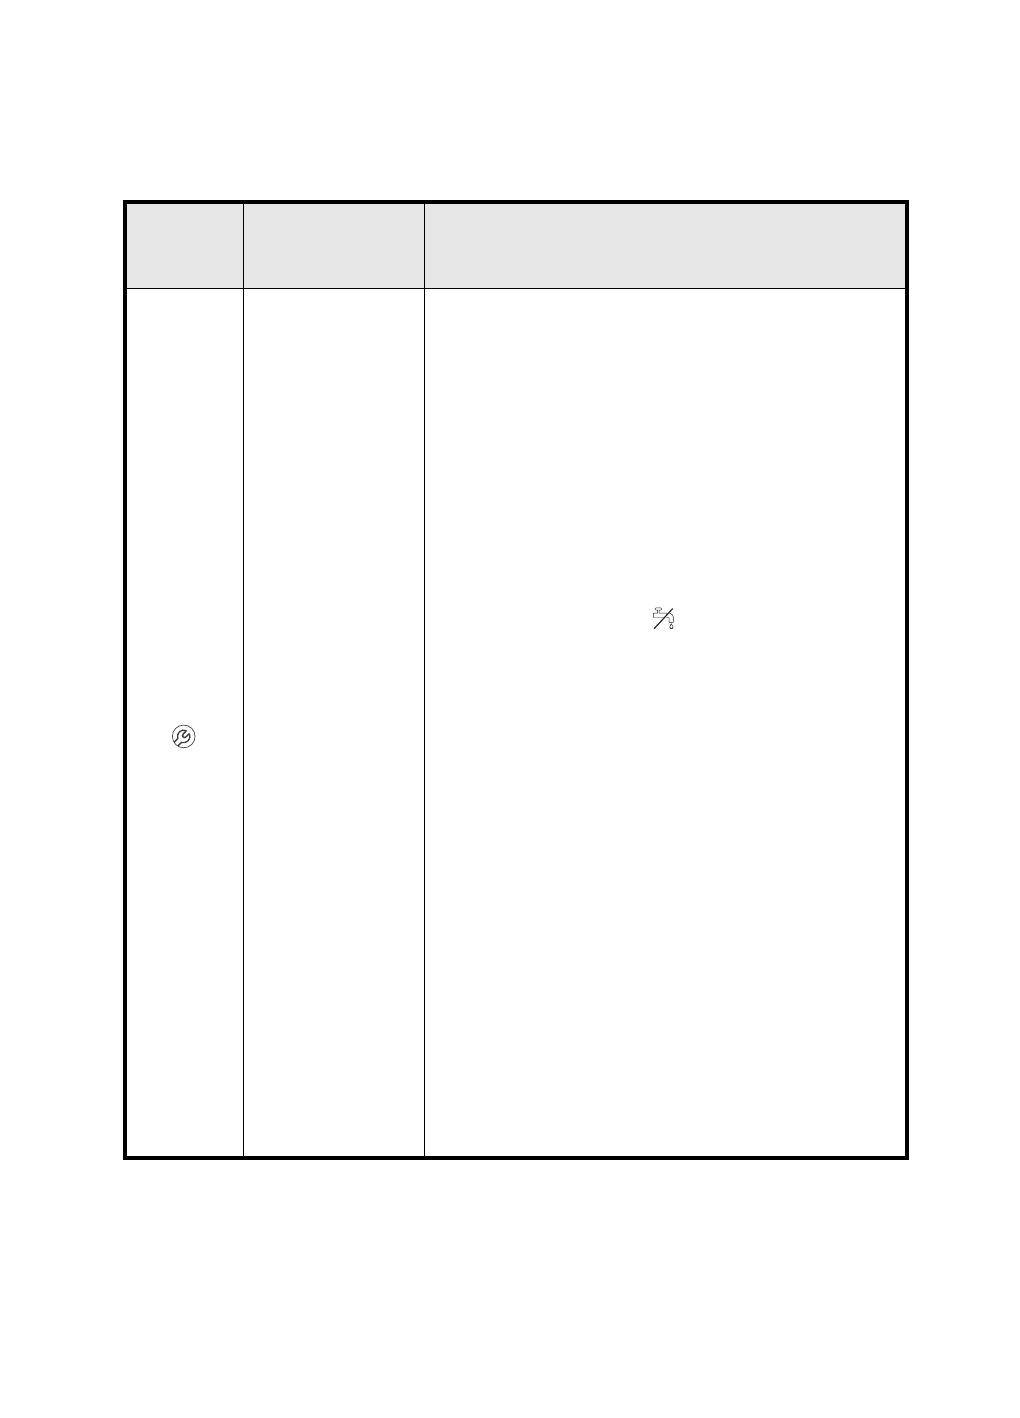 bedienungsanleitung bauknecht wa uniq 834 seite 10 von 11. Black Bedroom Furniture Sets. Home Design Ideas